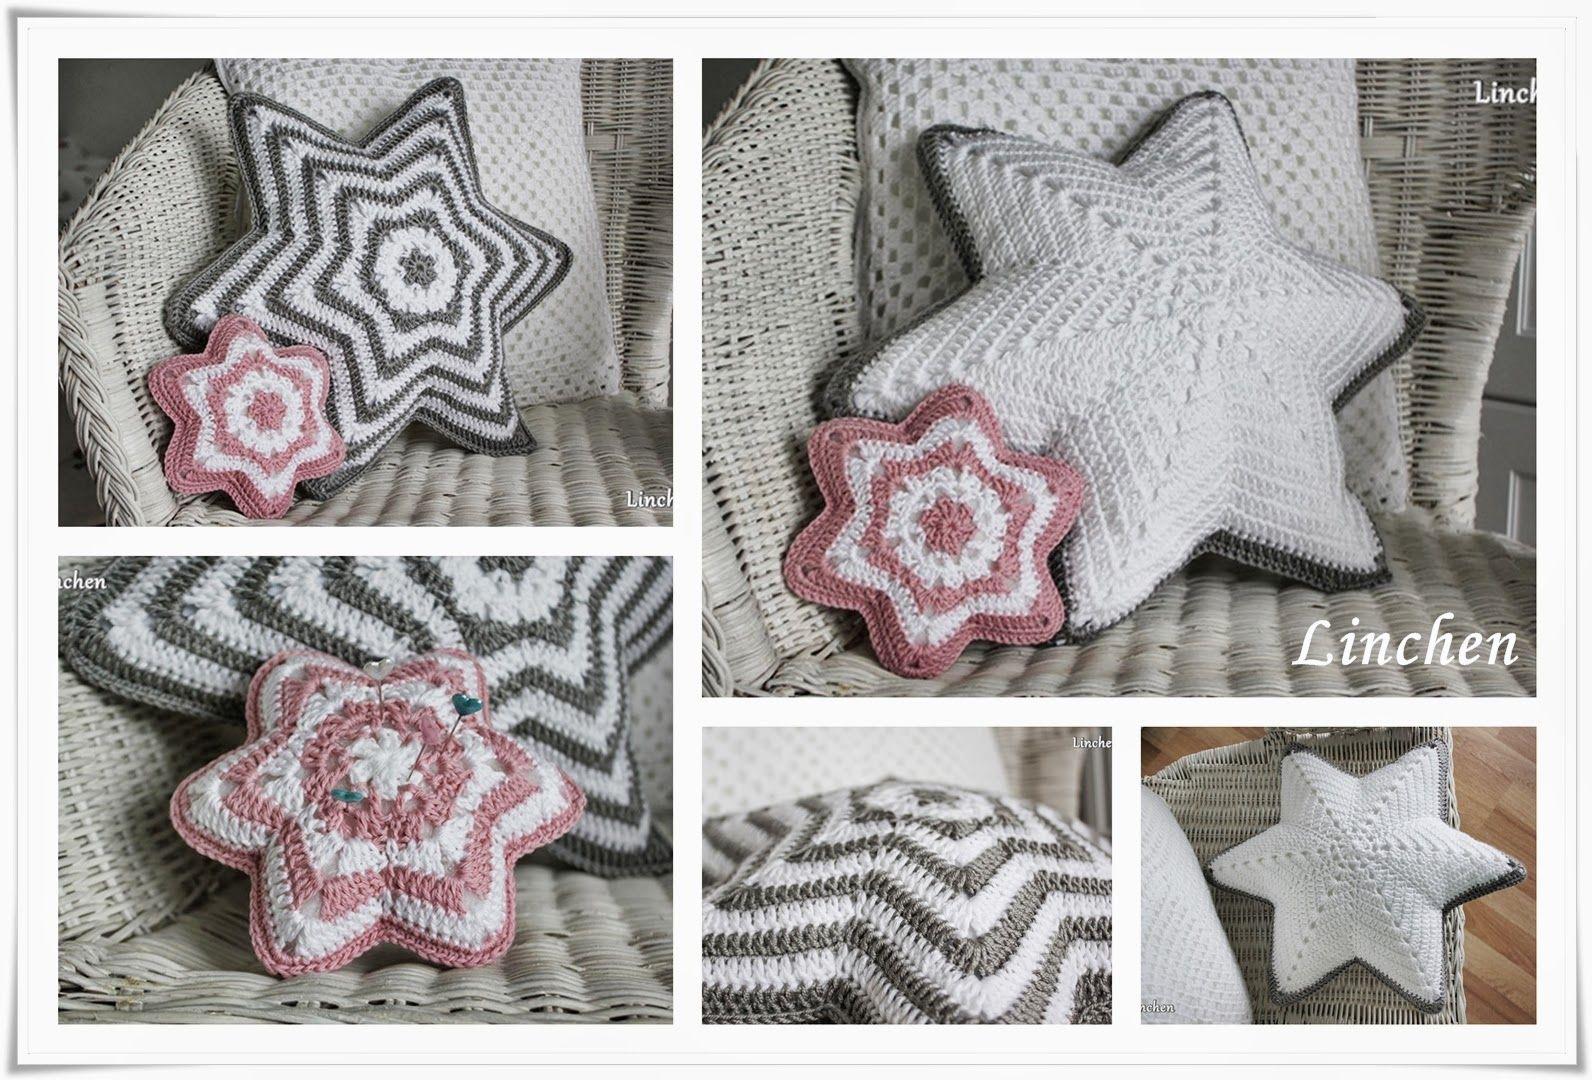 Sternenkissen Häkeln Kissen In Sternform Häkeln Anleitung Für Ein